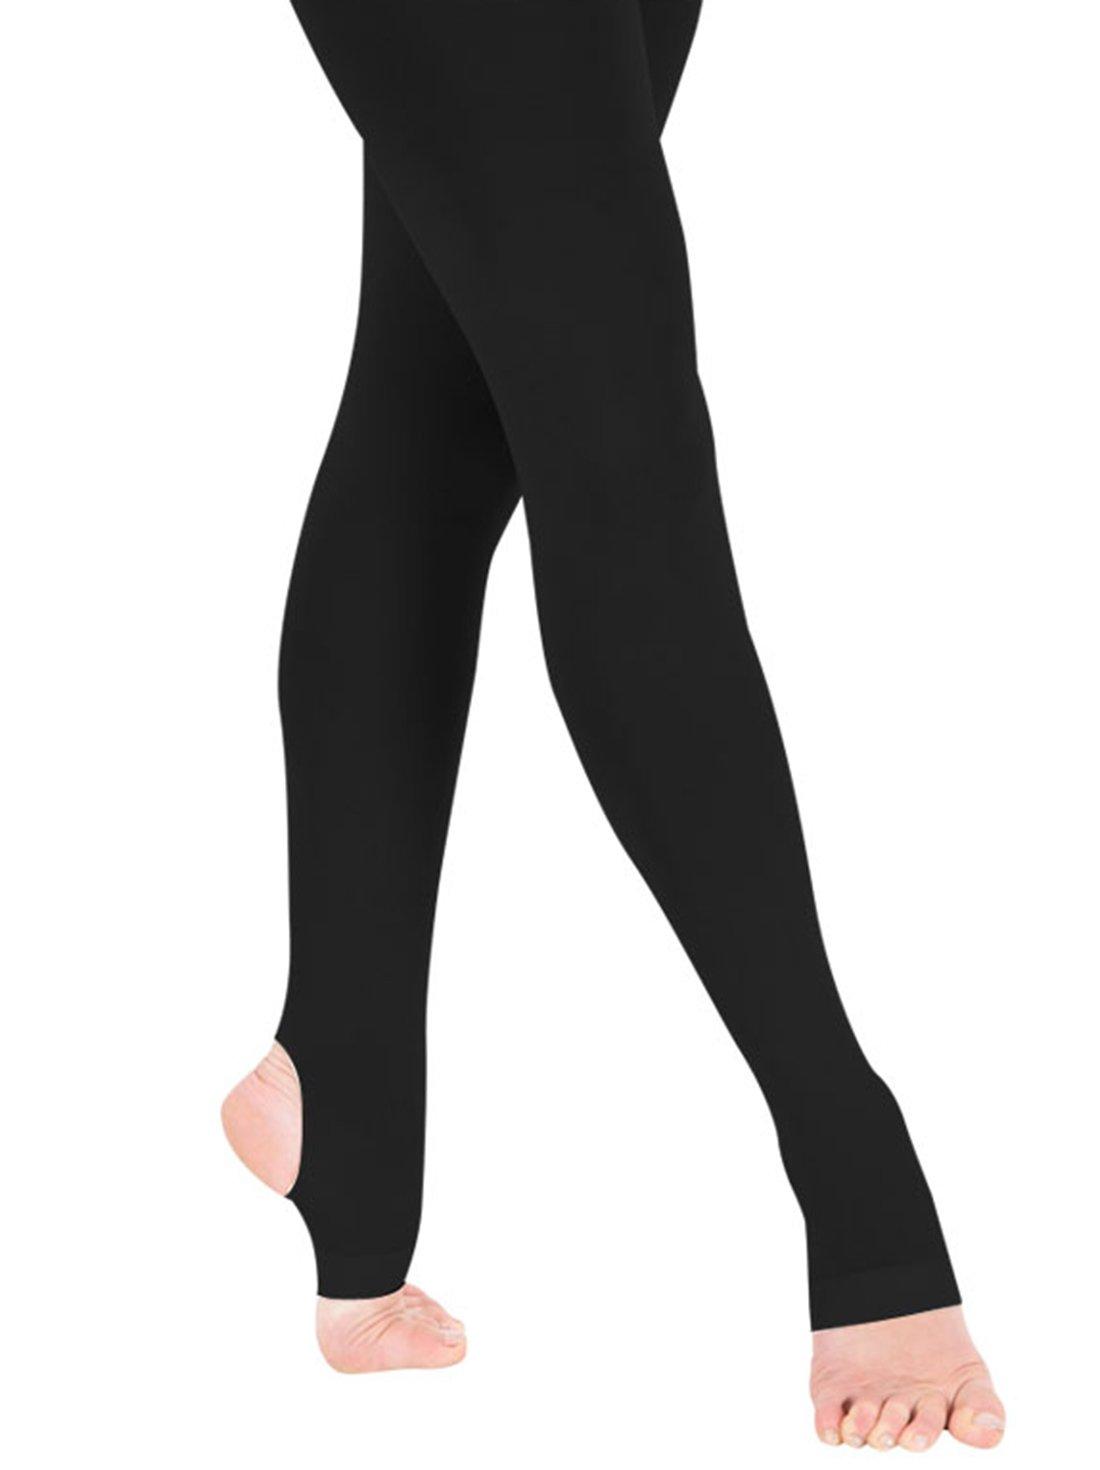 Panegy - Pantalones Elásticos Deportivos Transpirables Leggings de Ballet Danza Baile Gimnasia 60 Den para Niña - 130-150 cm L Negro